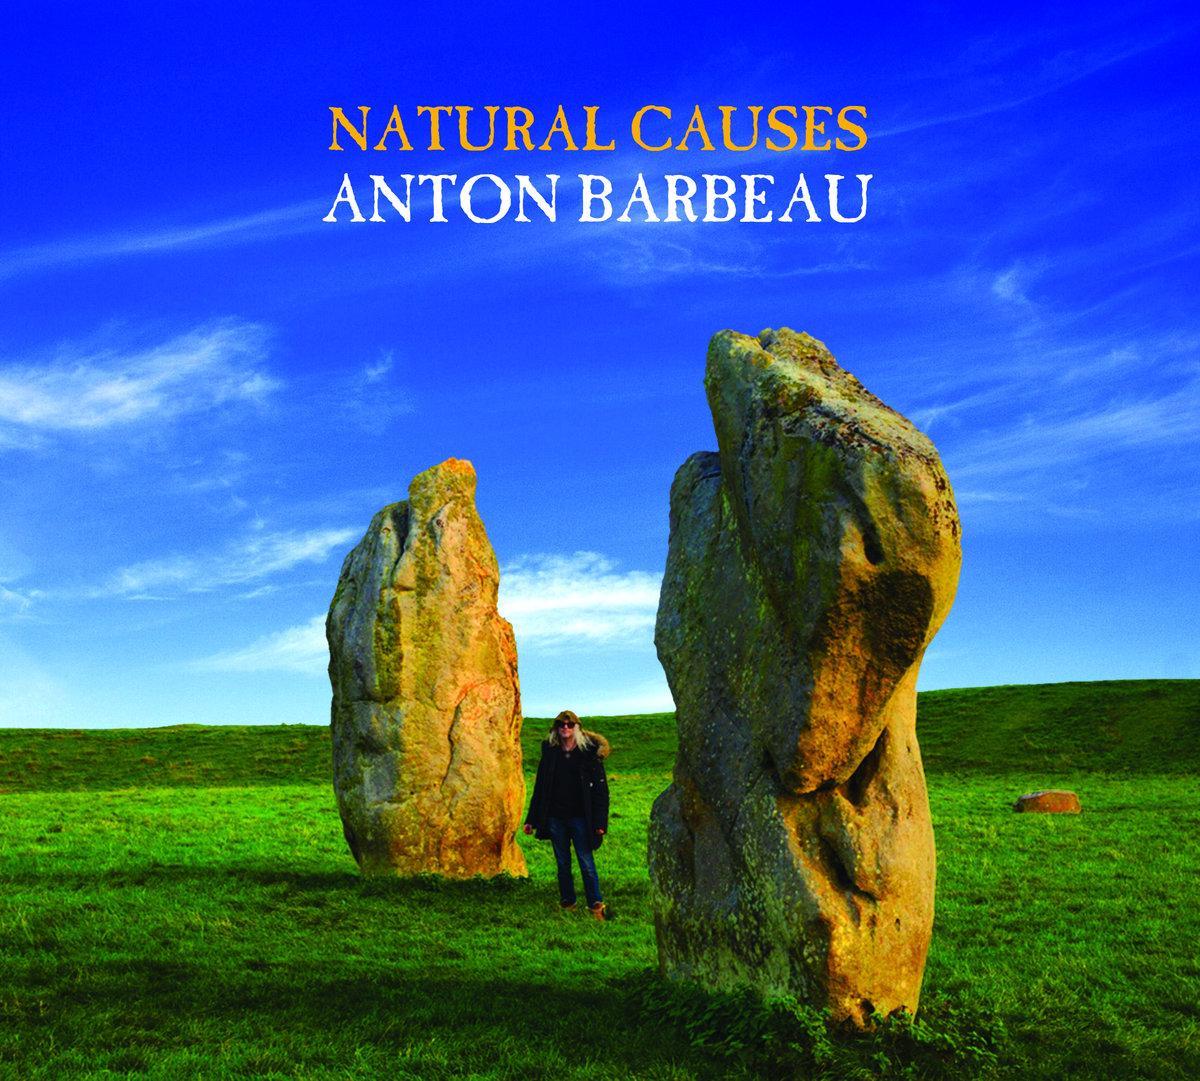 ¿Qué estáis escuchando ahora? - Página 12 Anton_Barbeau-2019-Natural_Causes